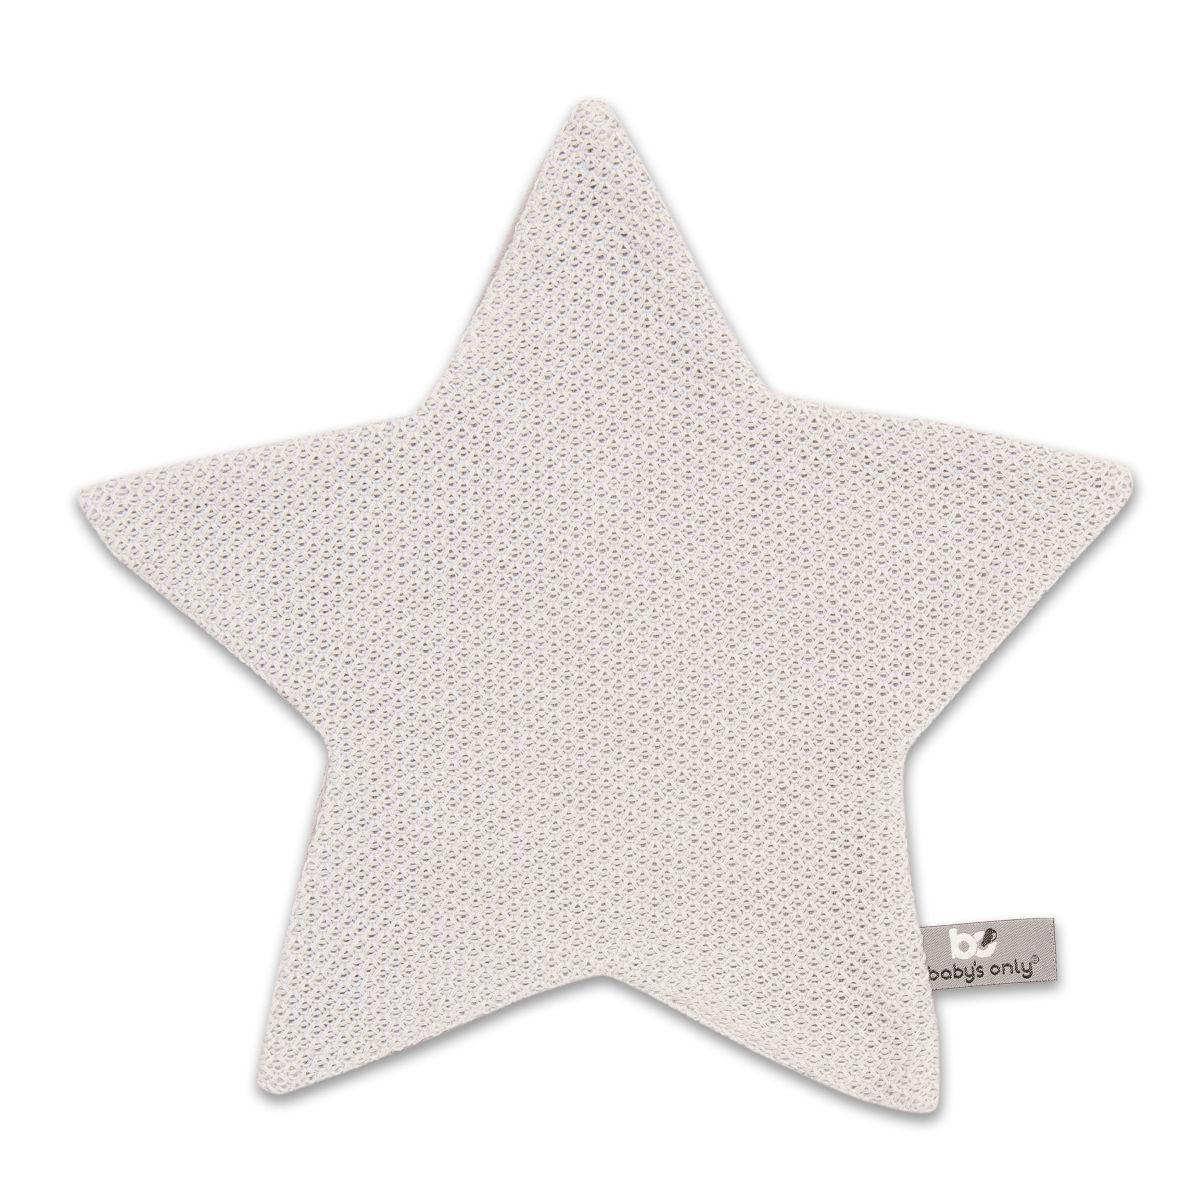 babys only 0203602 knuffeldoekje ster classic zilvergrijs